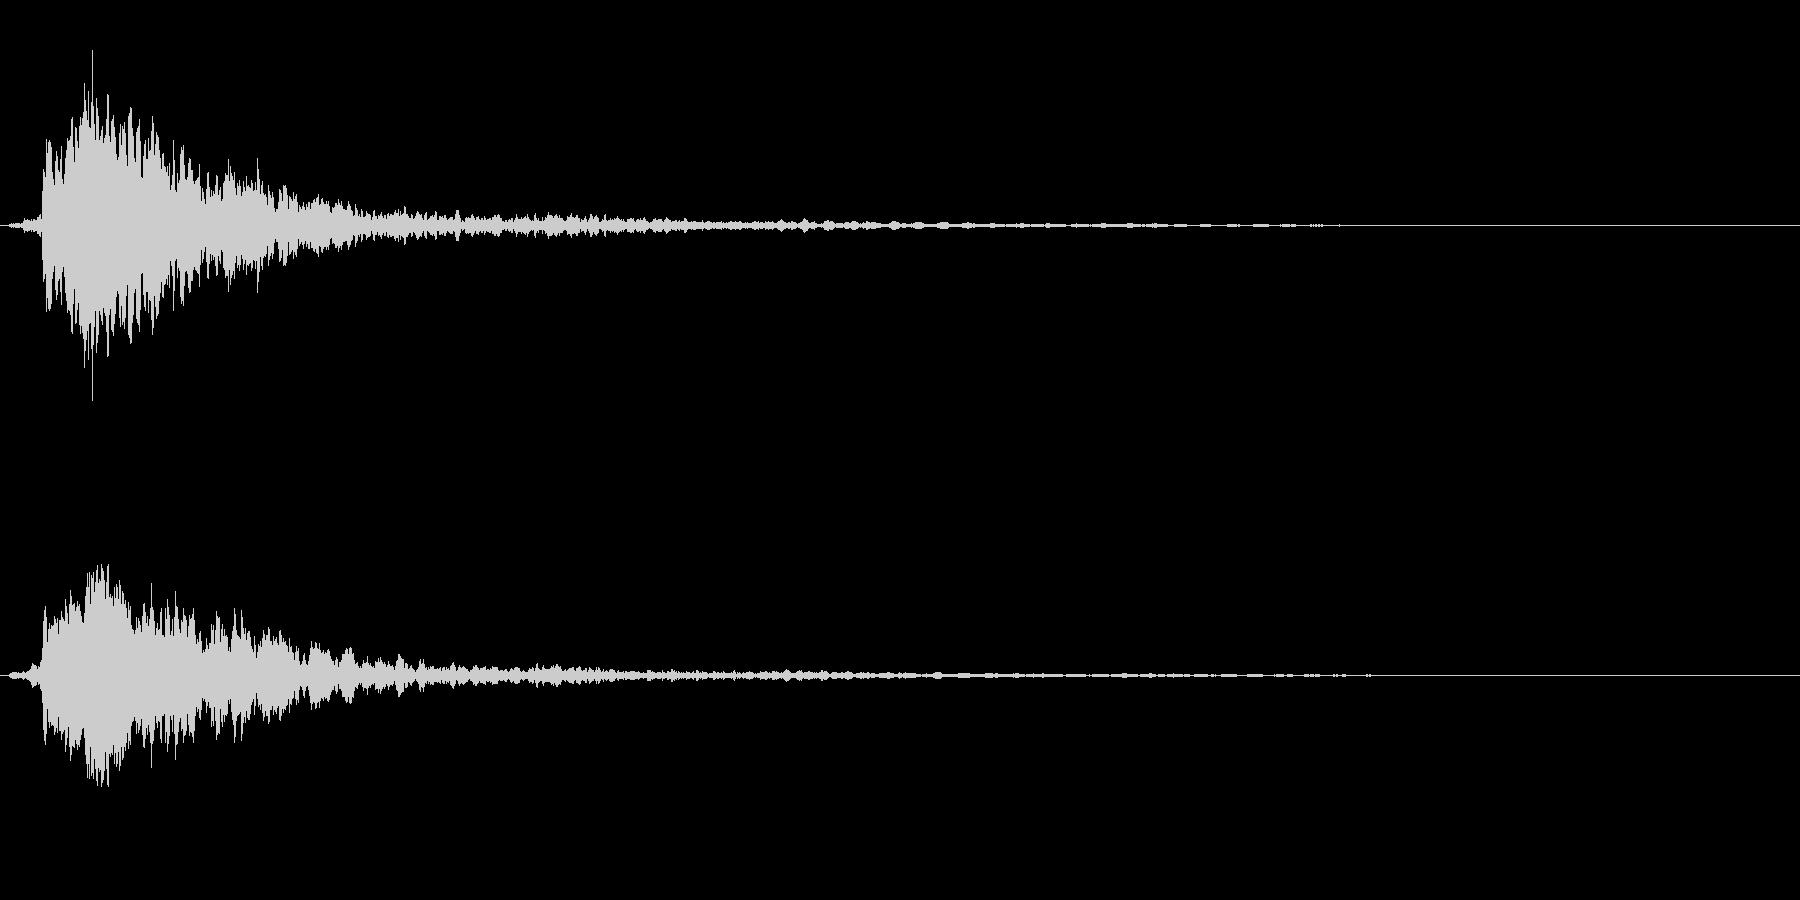 サスペンスに最適!ピアノの弦を弄ぶ音21の未再生の波形